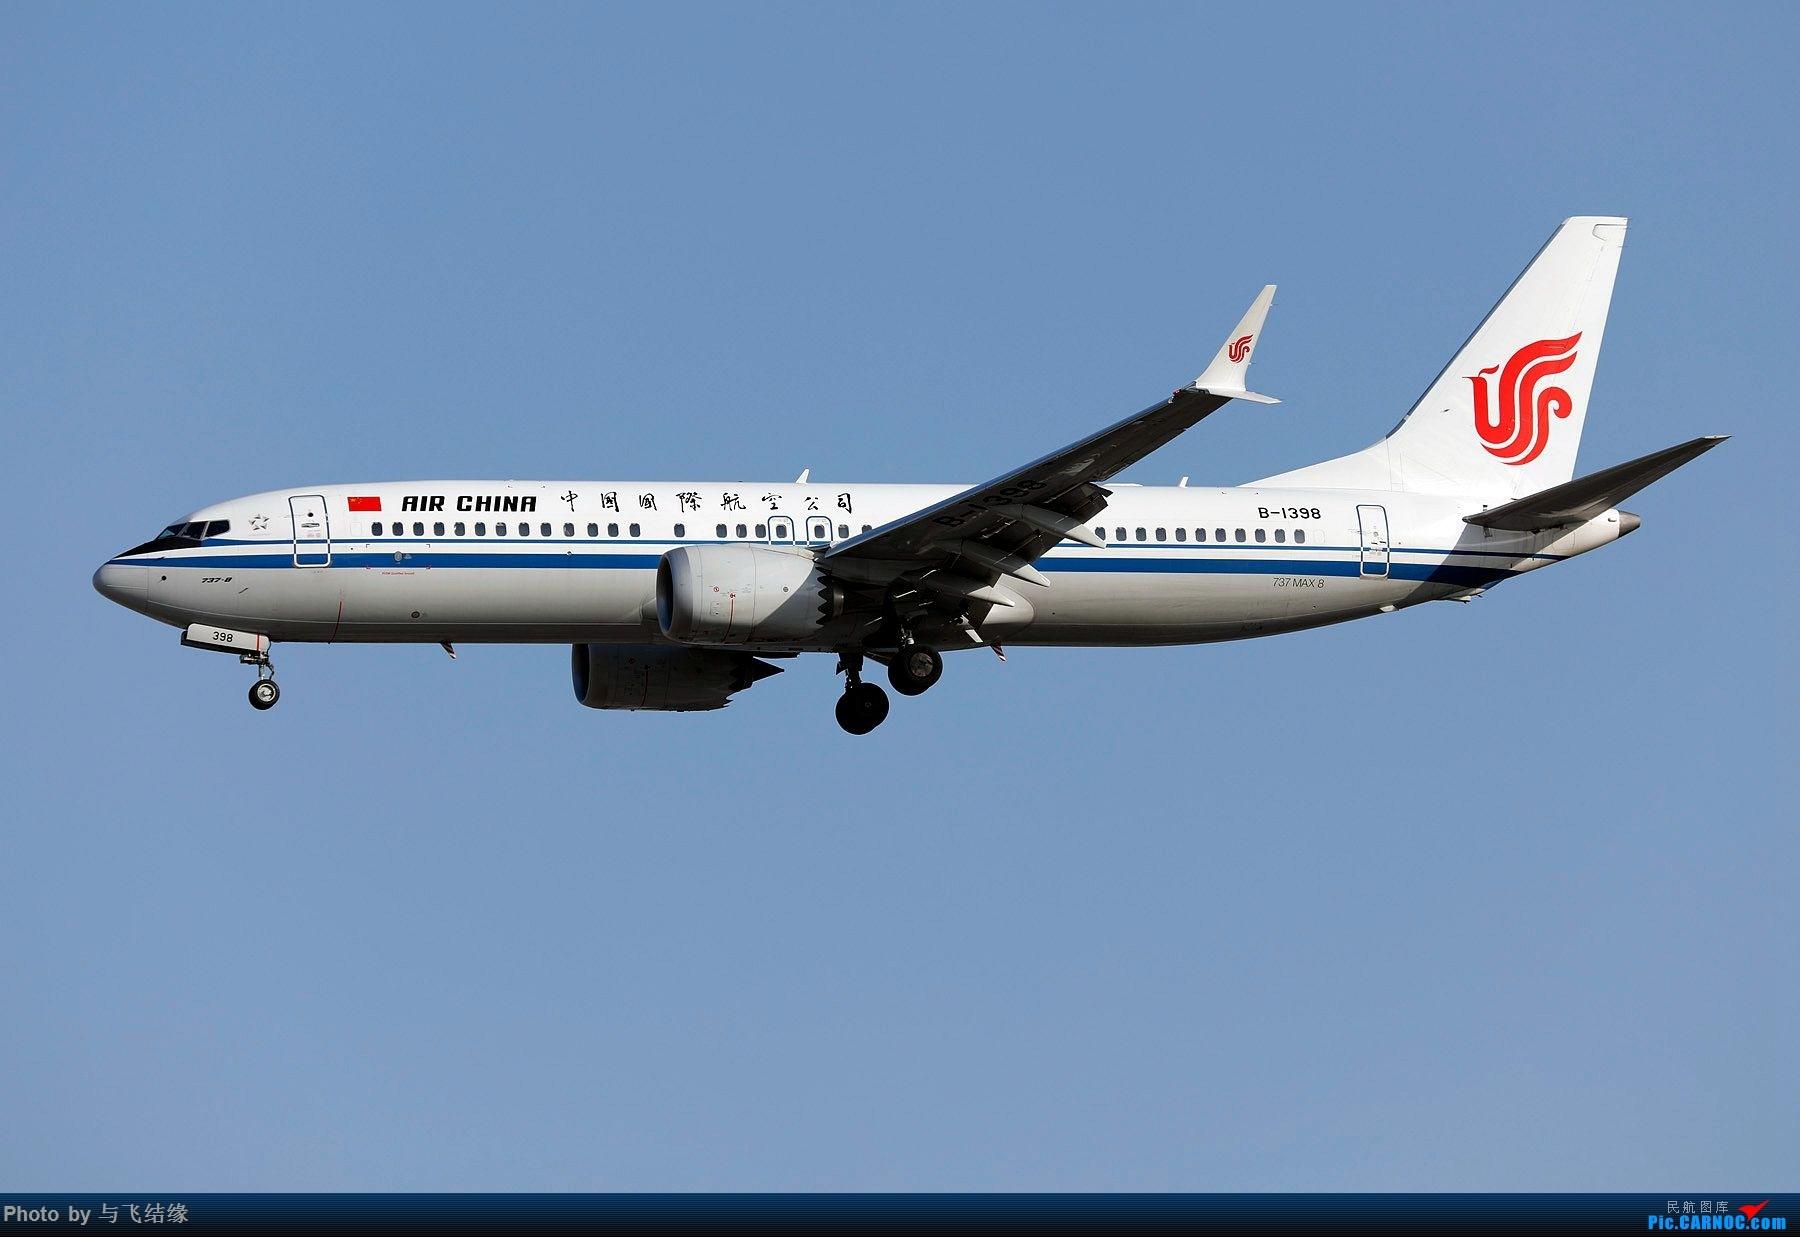 Re:[原创]今日是周末,月末,年末2018年最后一贴,预祝朋友们2019年新年快乐!万事如意! BOEING 737MAX-8 B-1398 中国北京首都国际机场